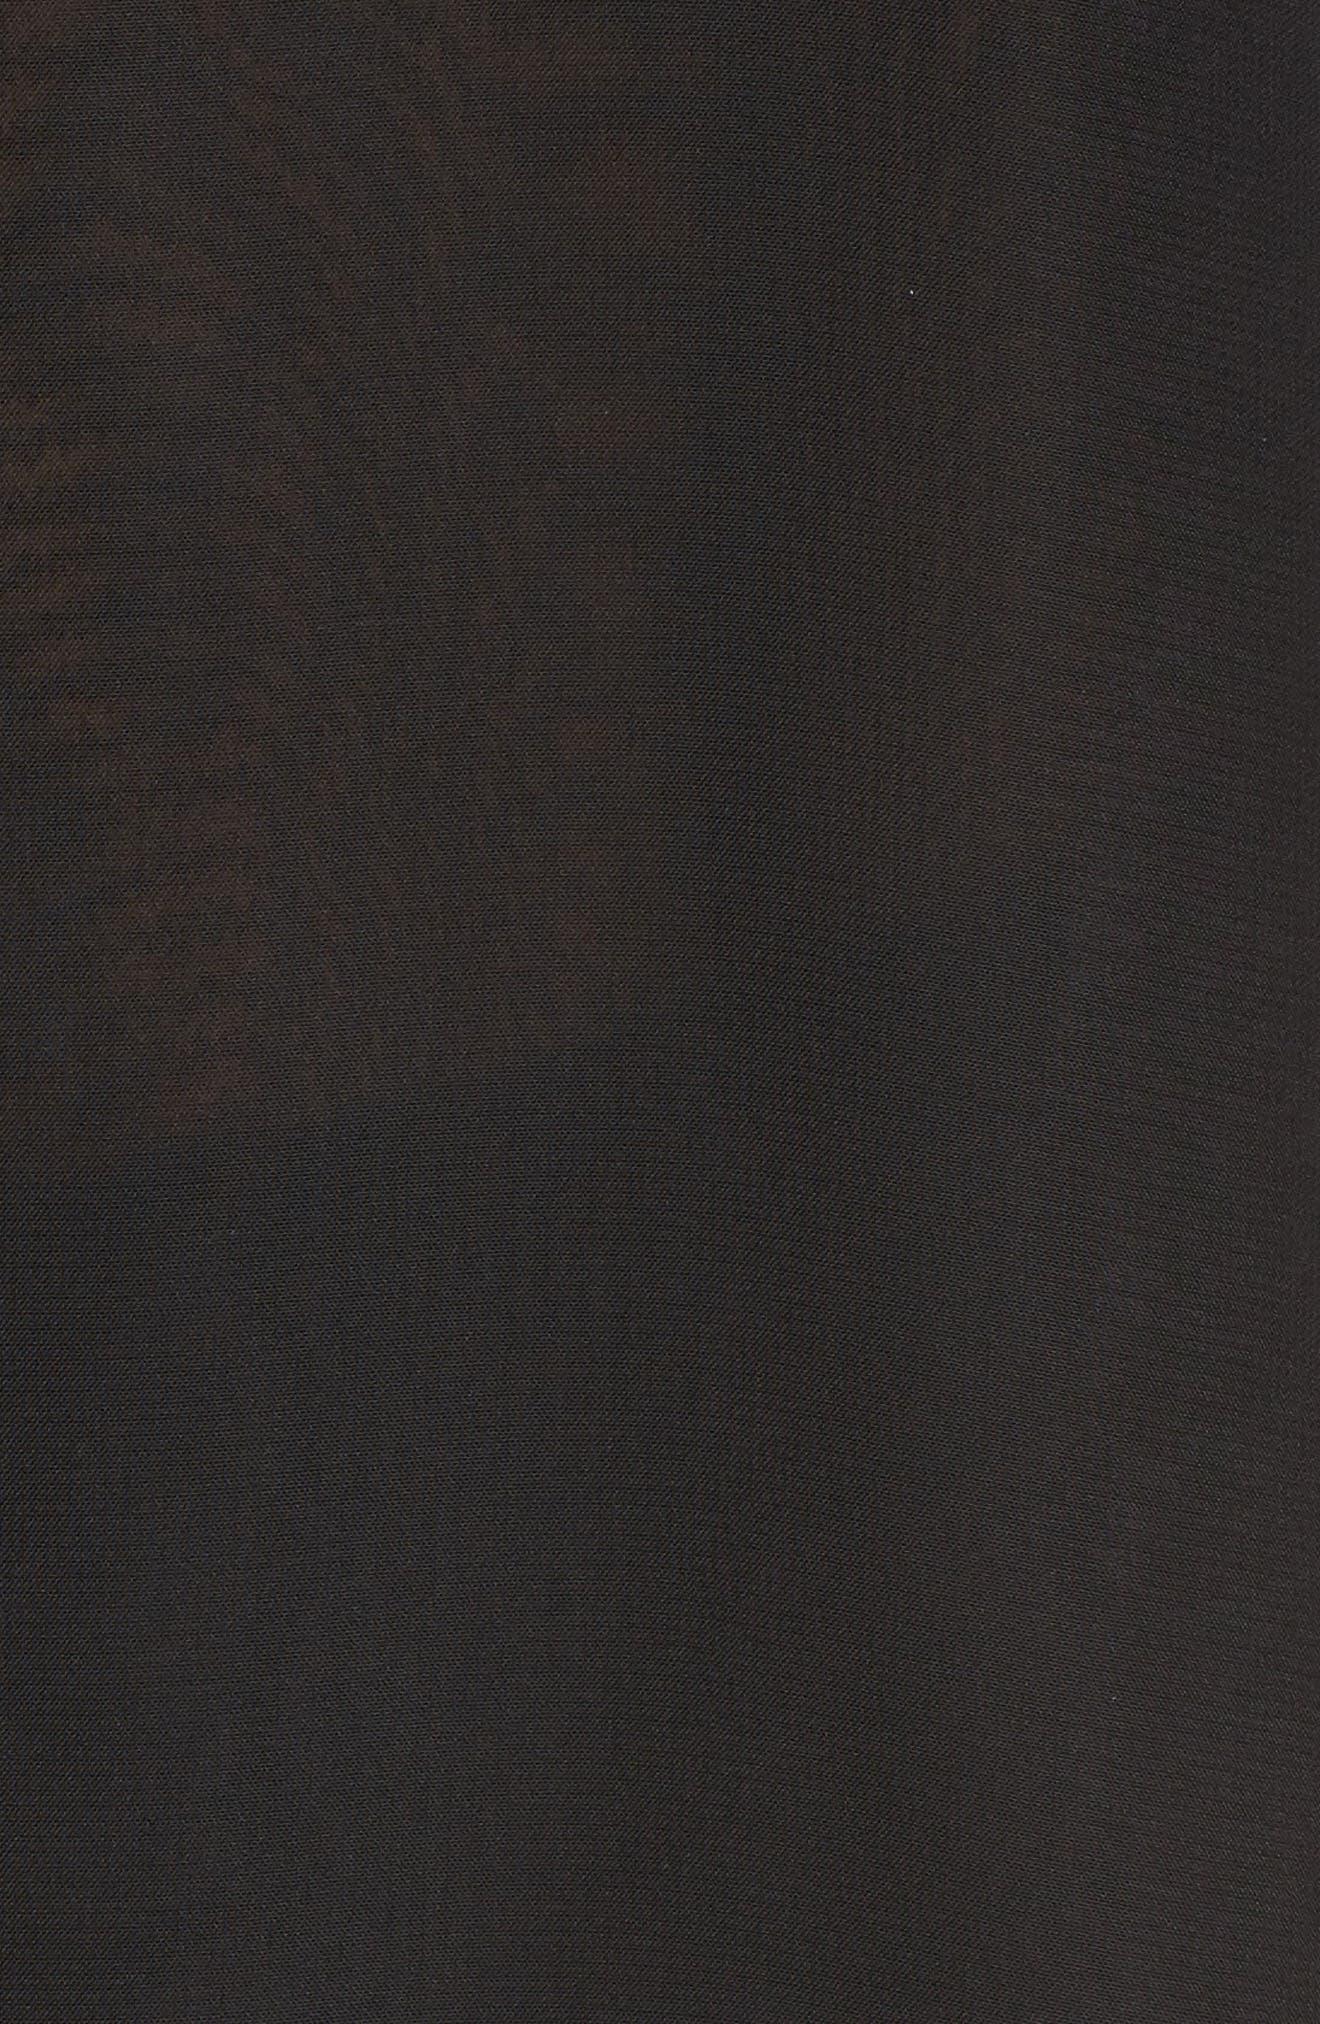 Lace Yoke Blouse,                             Alternate thumbnail 5, color,